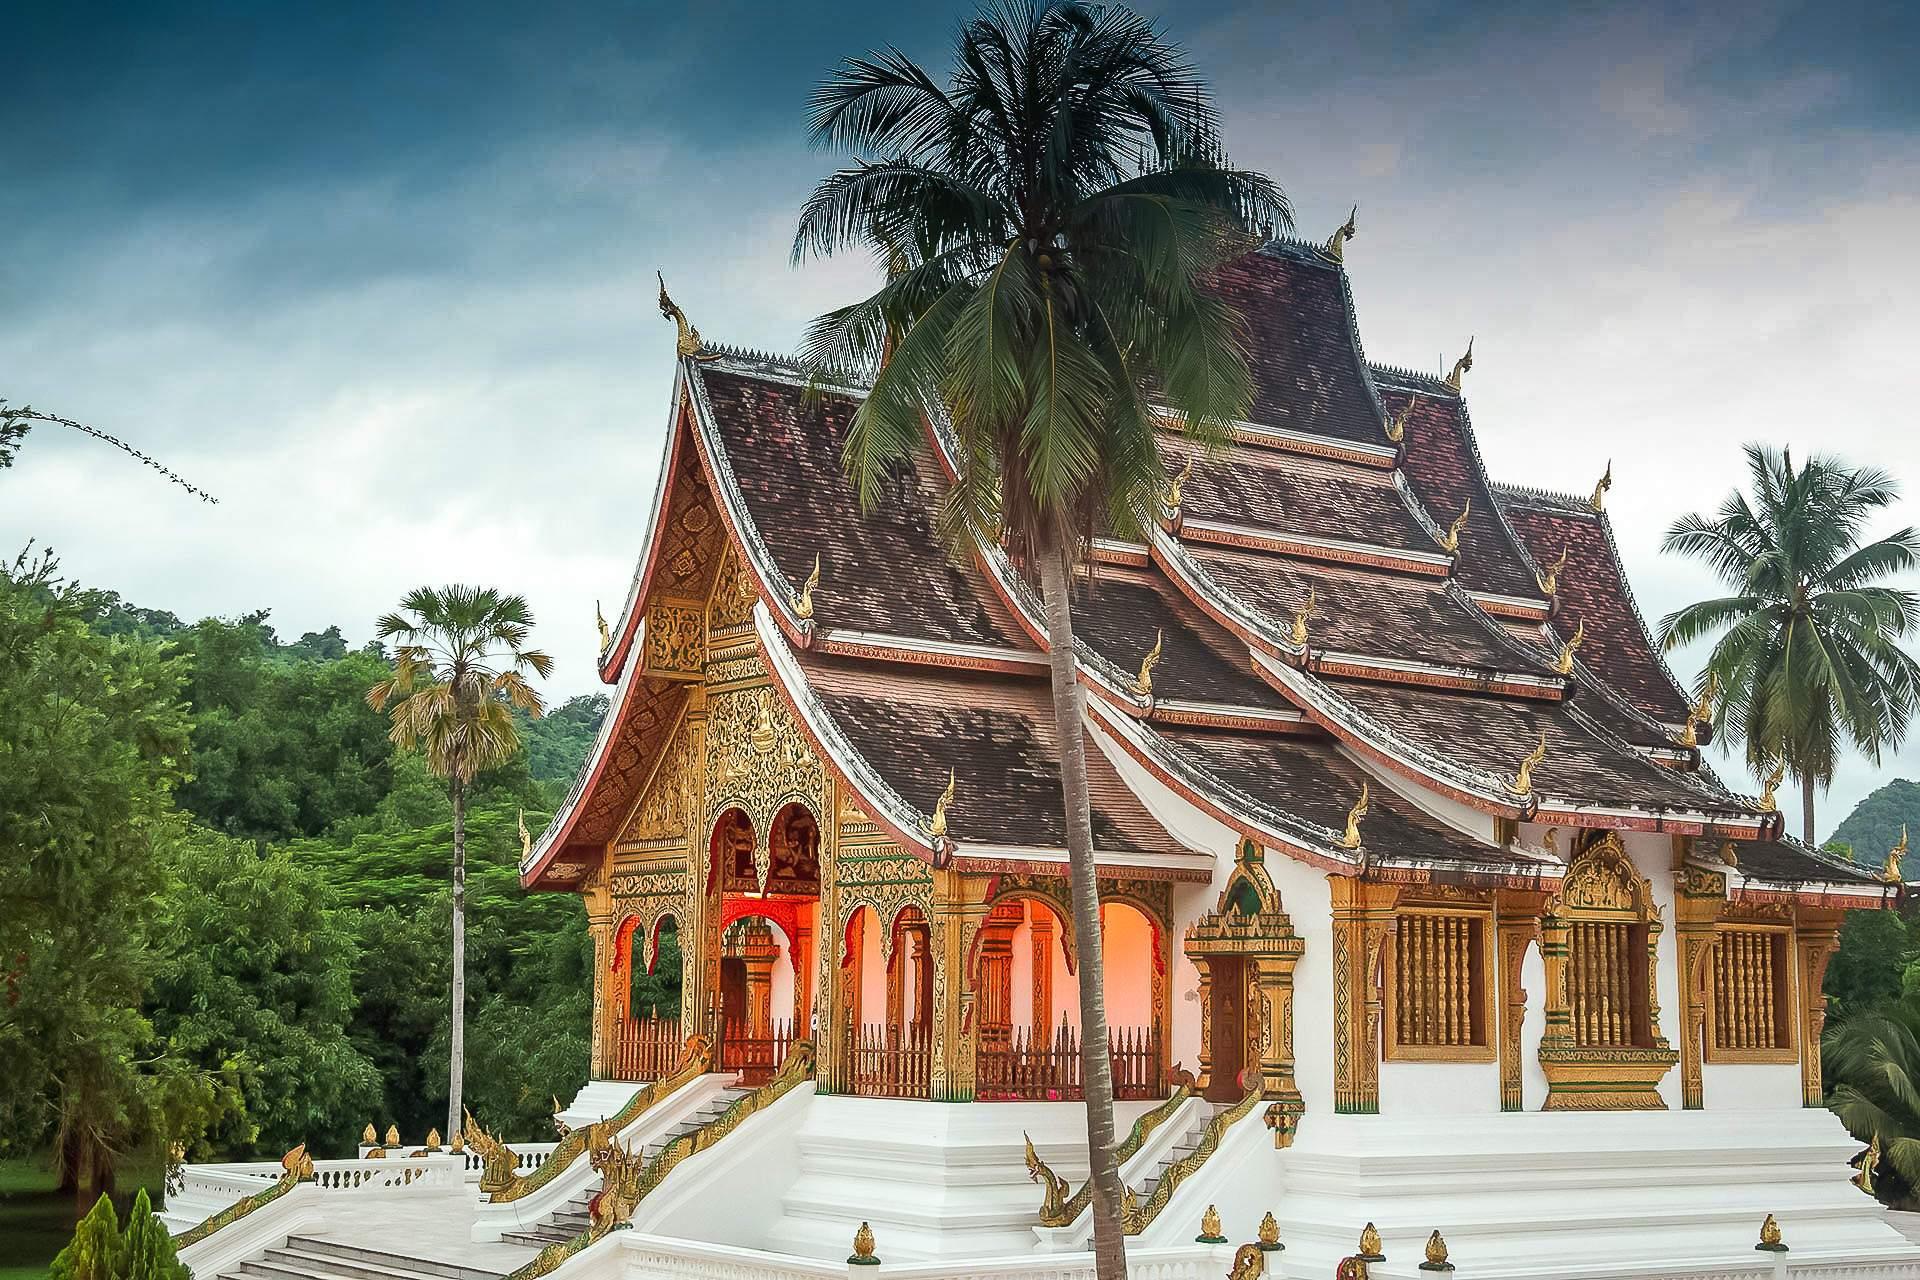 Haw Pha Bang, Luang Prabang, Laos, Луанг Прабанг, Лаос, , буддизм, традиции, культура, достопримечательность